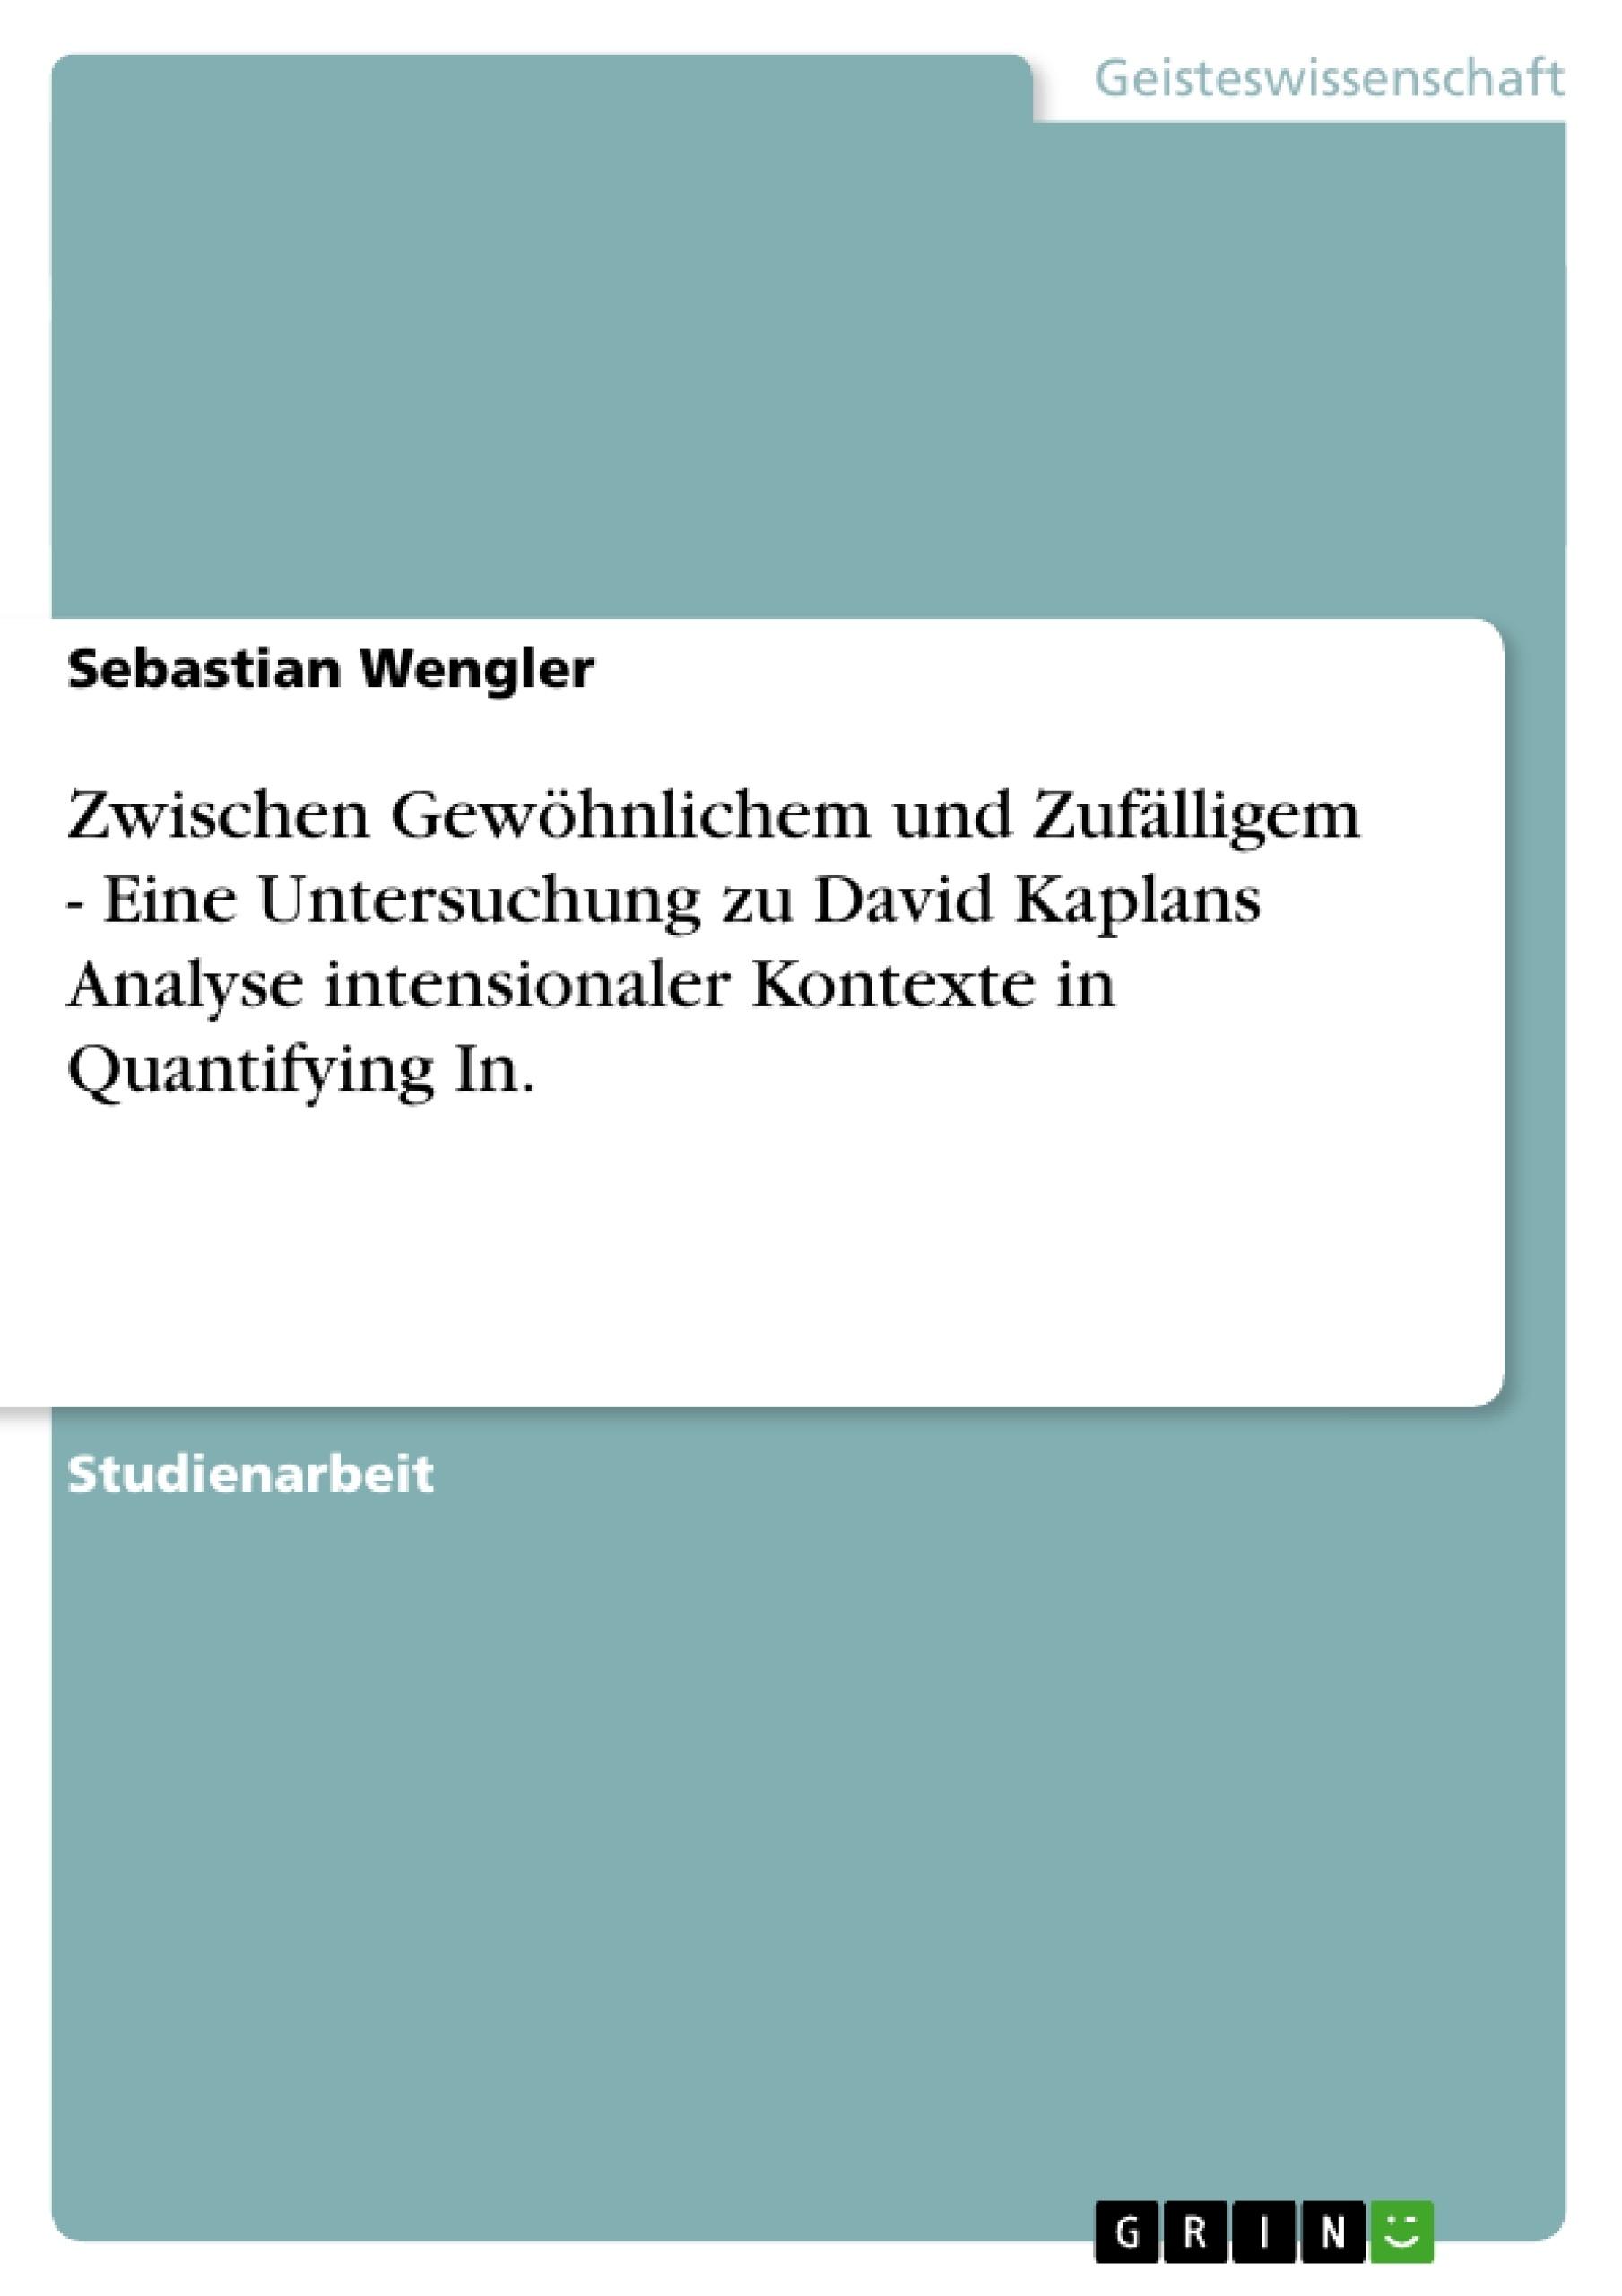 Titel: Zwischen Gewöhnlichem und Zufälligem - Eine Untersuchung zu David Kaplans Analyse intensionaler Kontexte in Quantifying In.